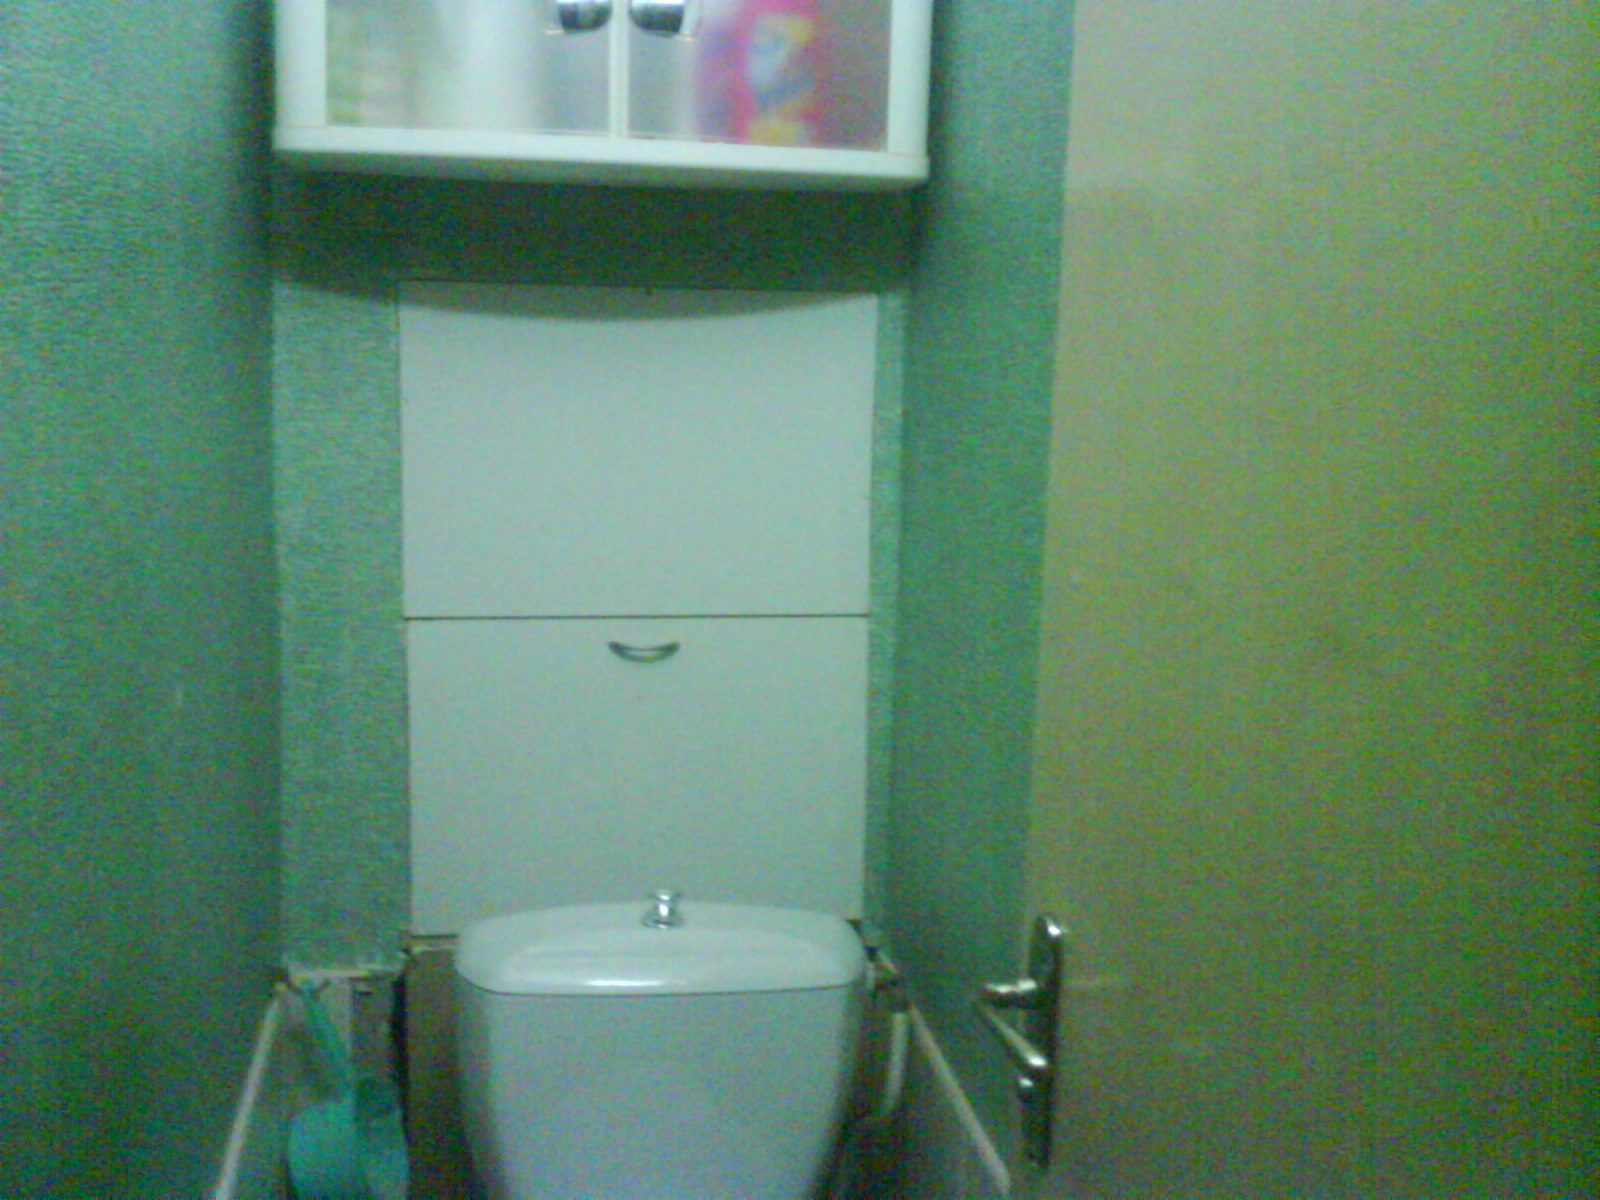 Простые способы закрыть трубы в туалете, оставив доступ к коммуникациям